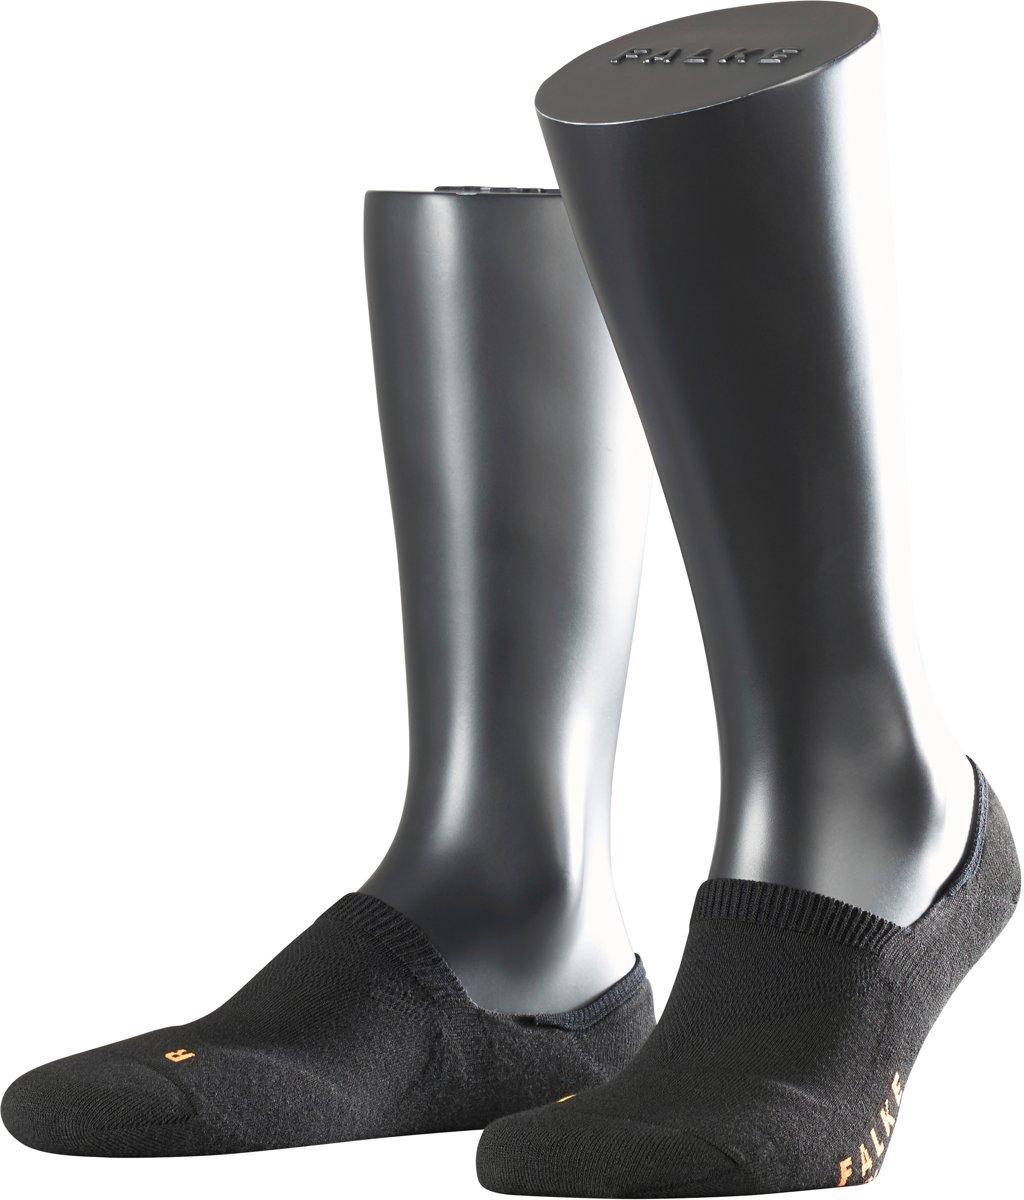 FALKE Cool Kick Invisible Sneakersokken - Zwart - Maat 46-48 kopen